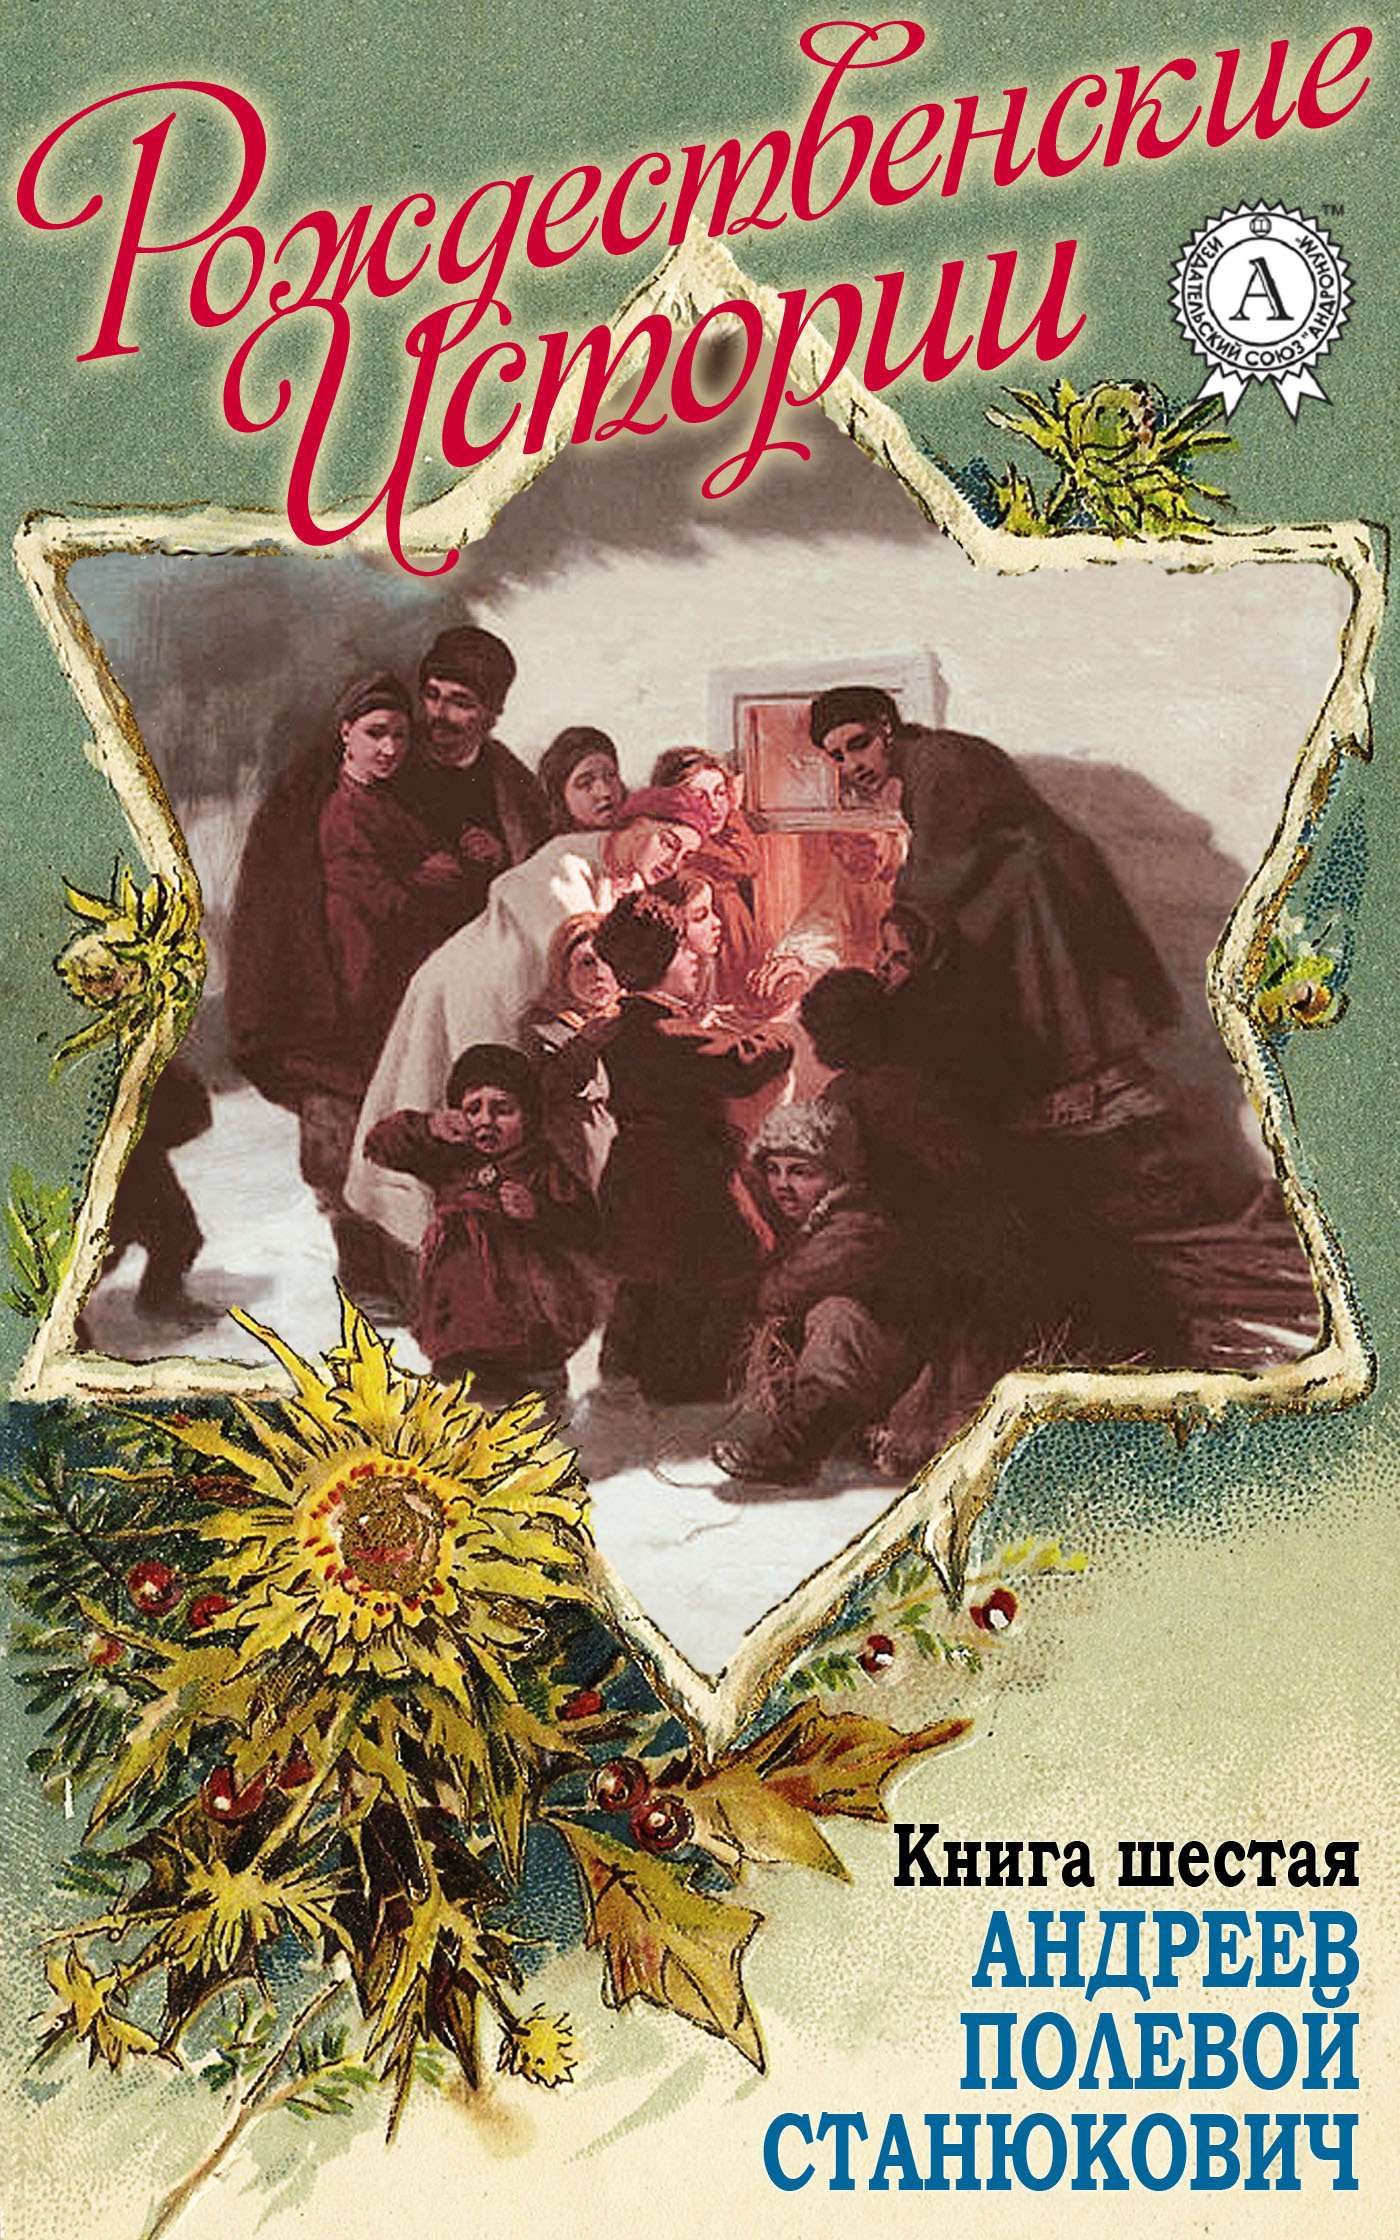 Рождественские истории. Книга шестая. Андреев Л.; Полевой Н.; Станюкович К